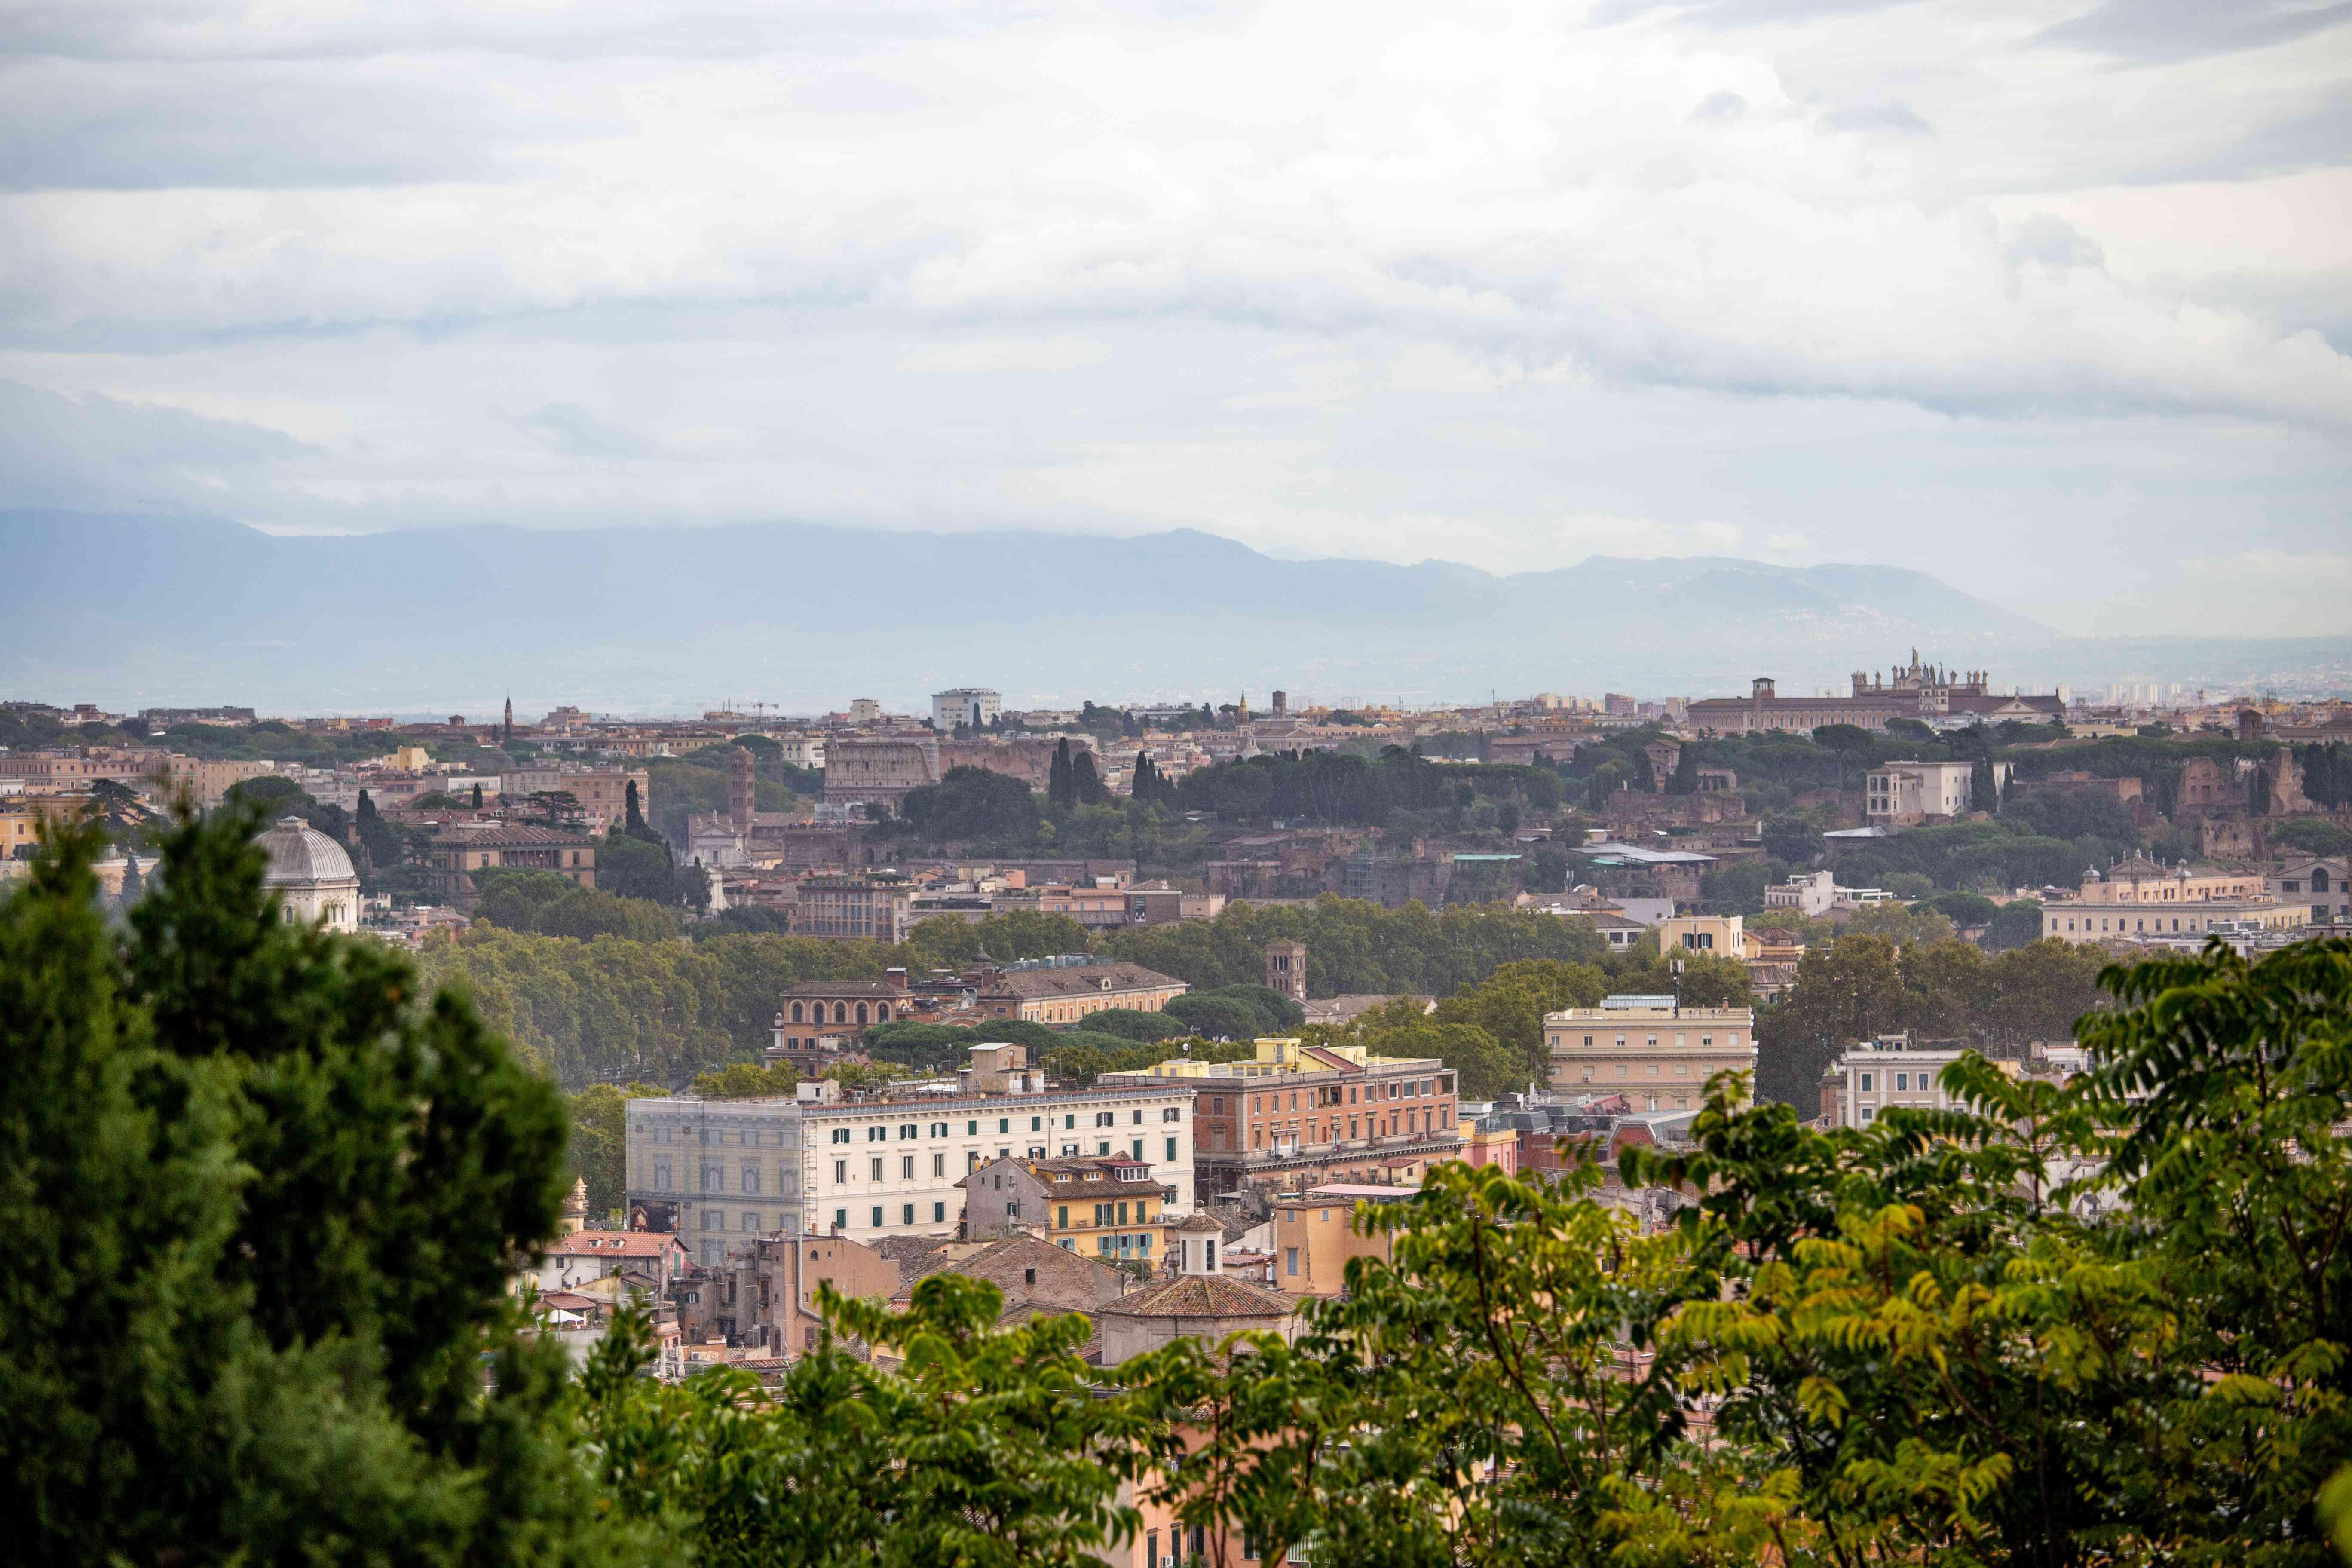 Janiculum Hill in Rome